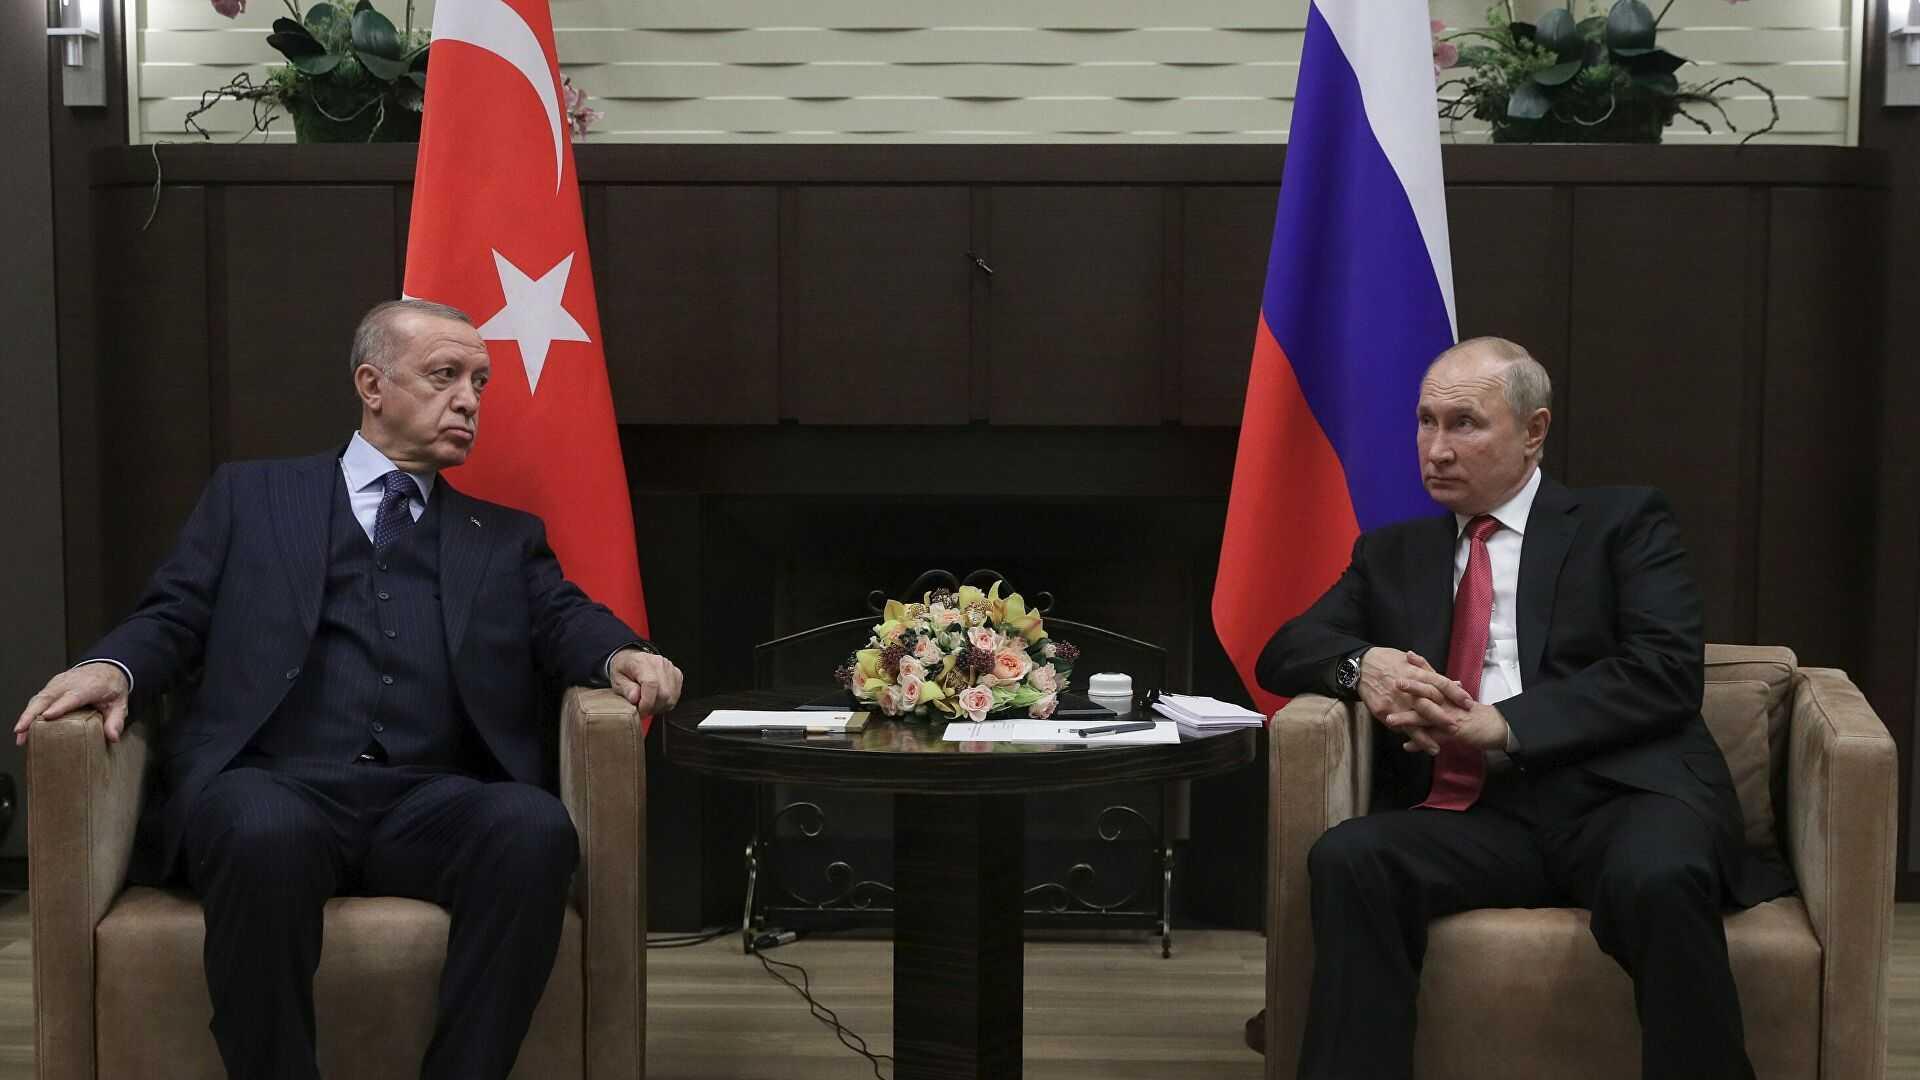 Путин дал оценку рабочей встрече с турецким президентом Эрдоганом